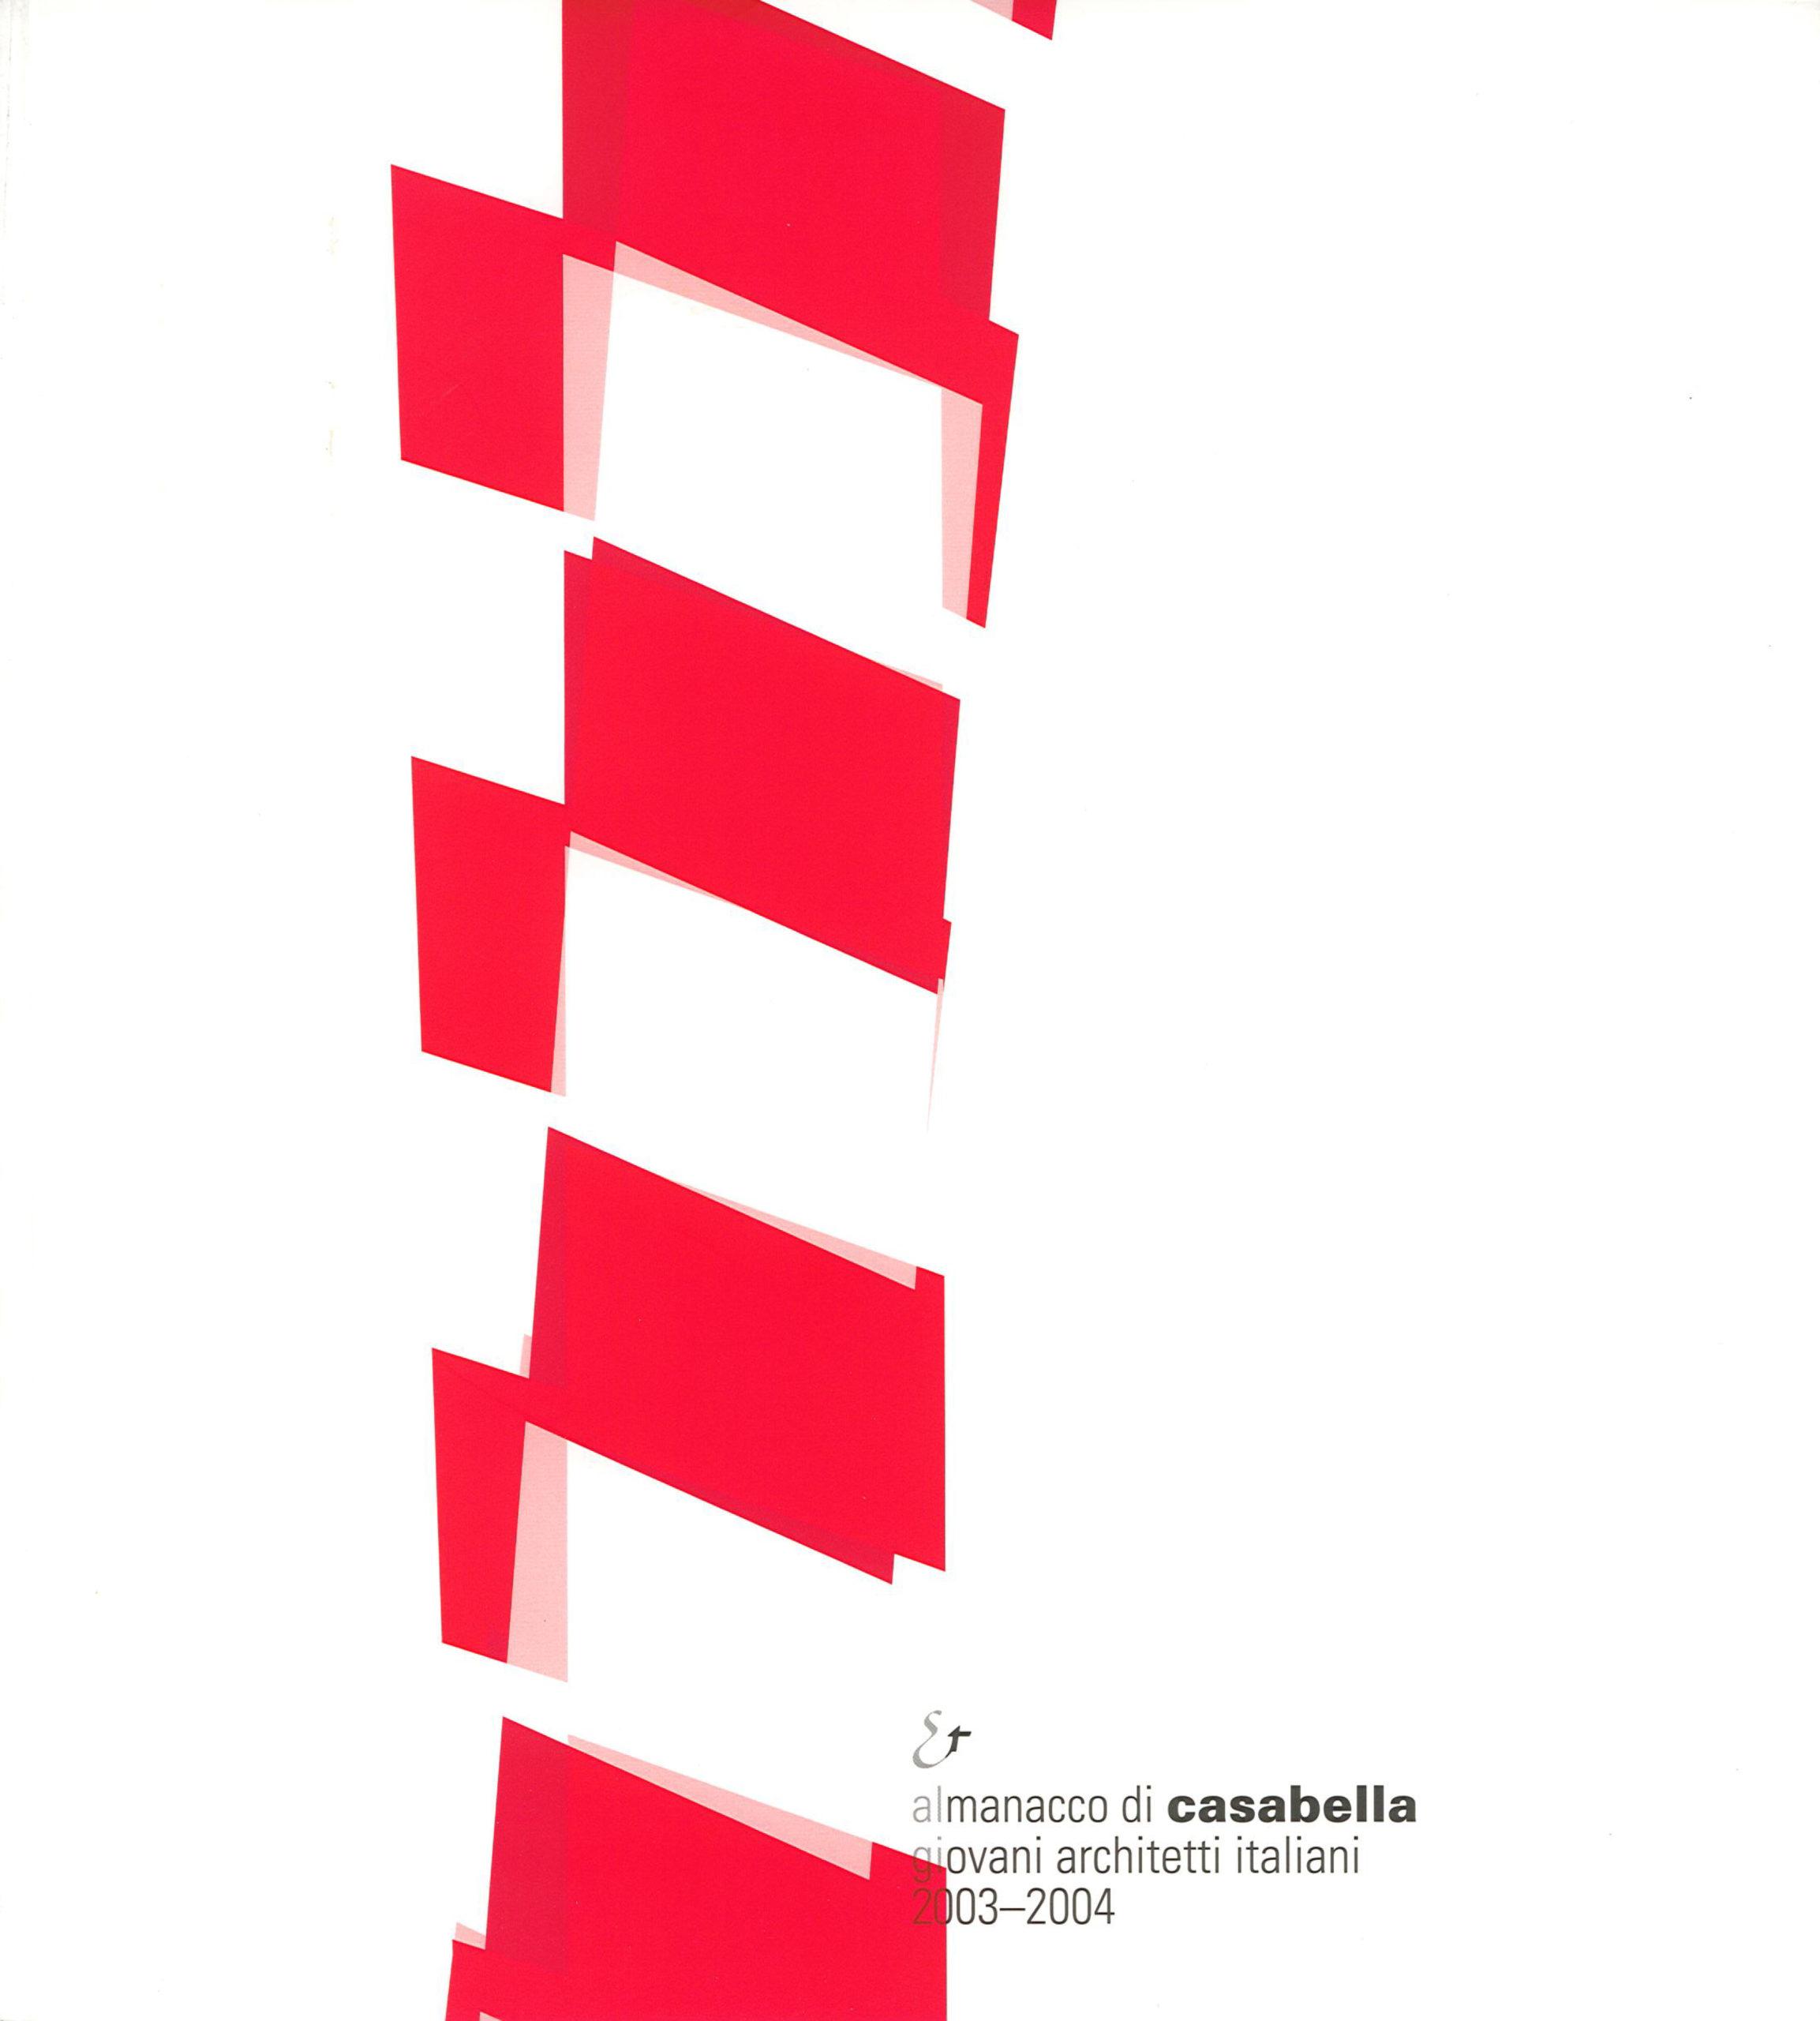 Pubblicazioni - Almanacco Casabella 2003-2004 - oberti+oberti   architetti